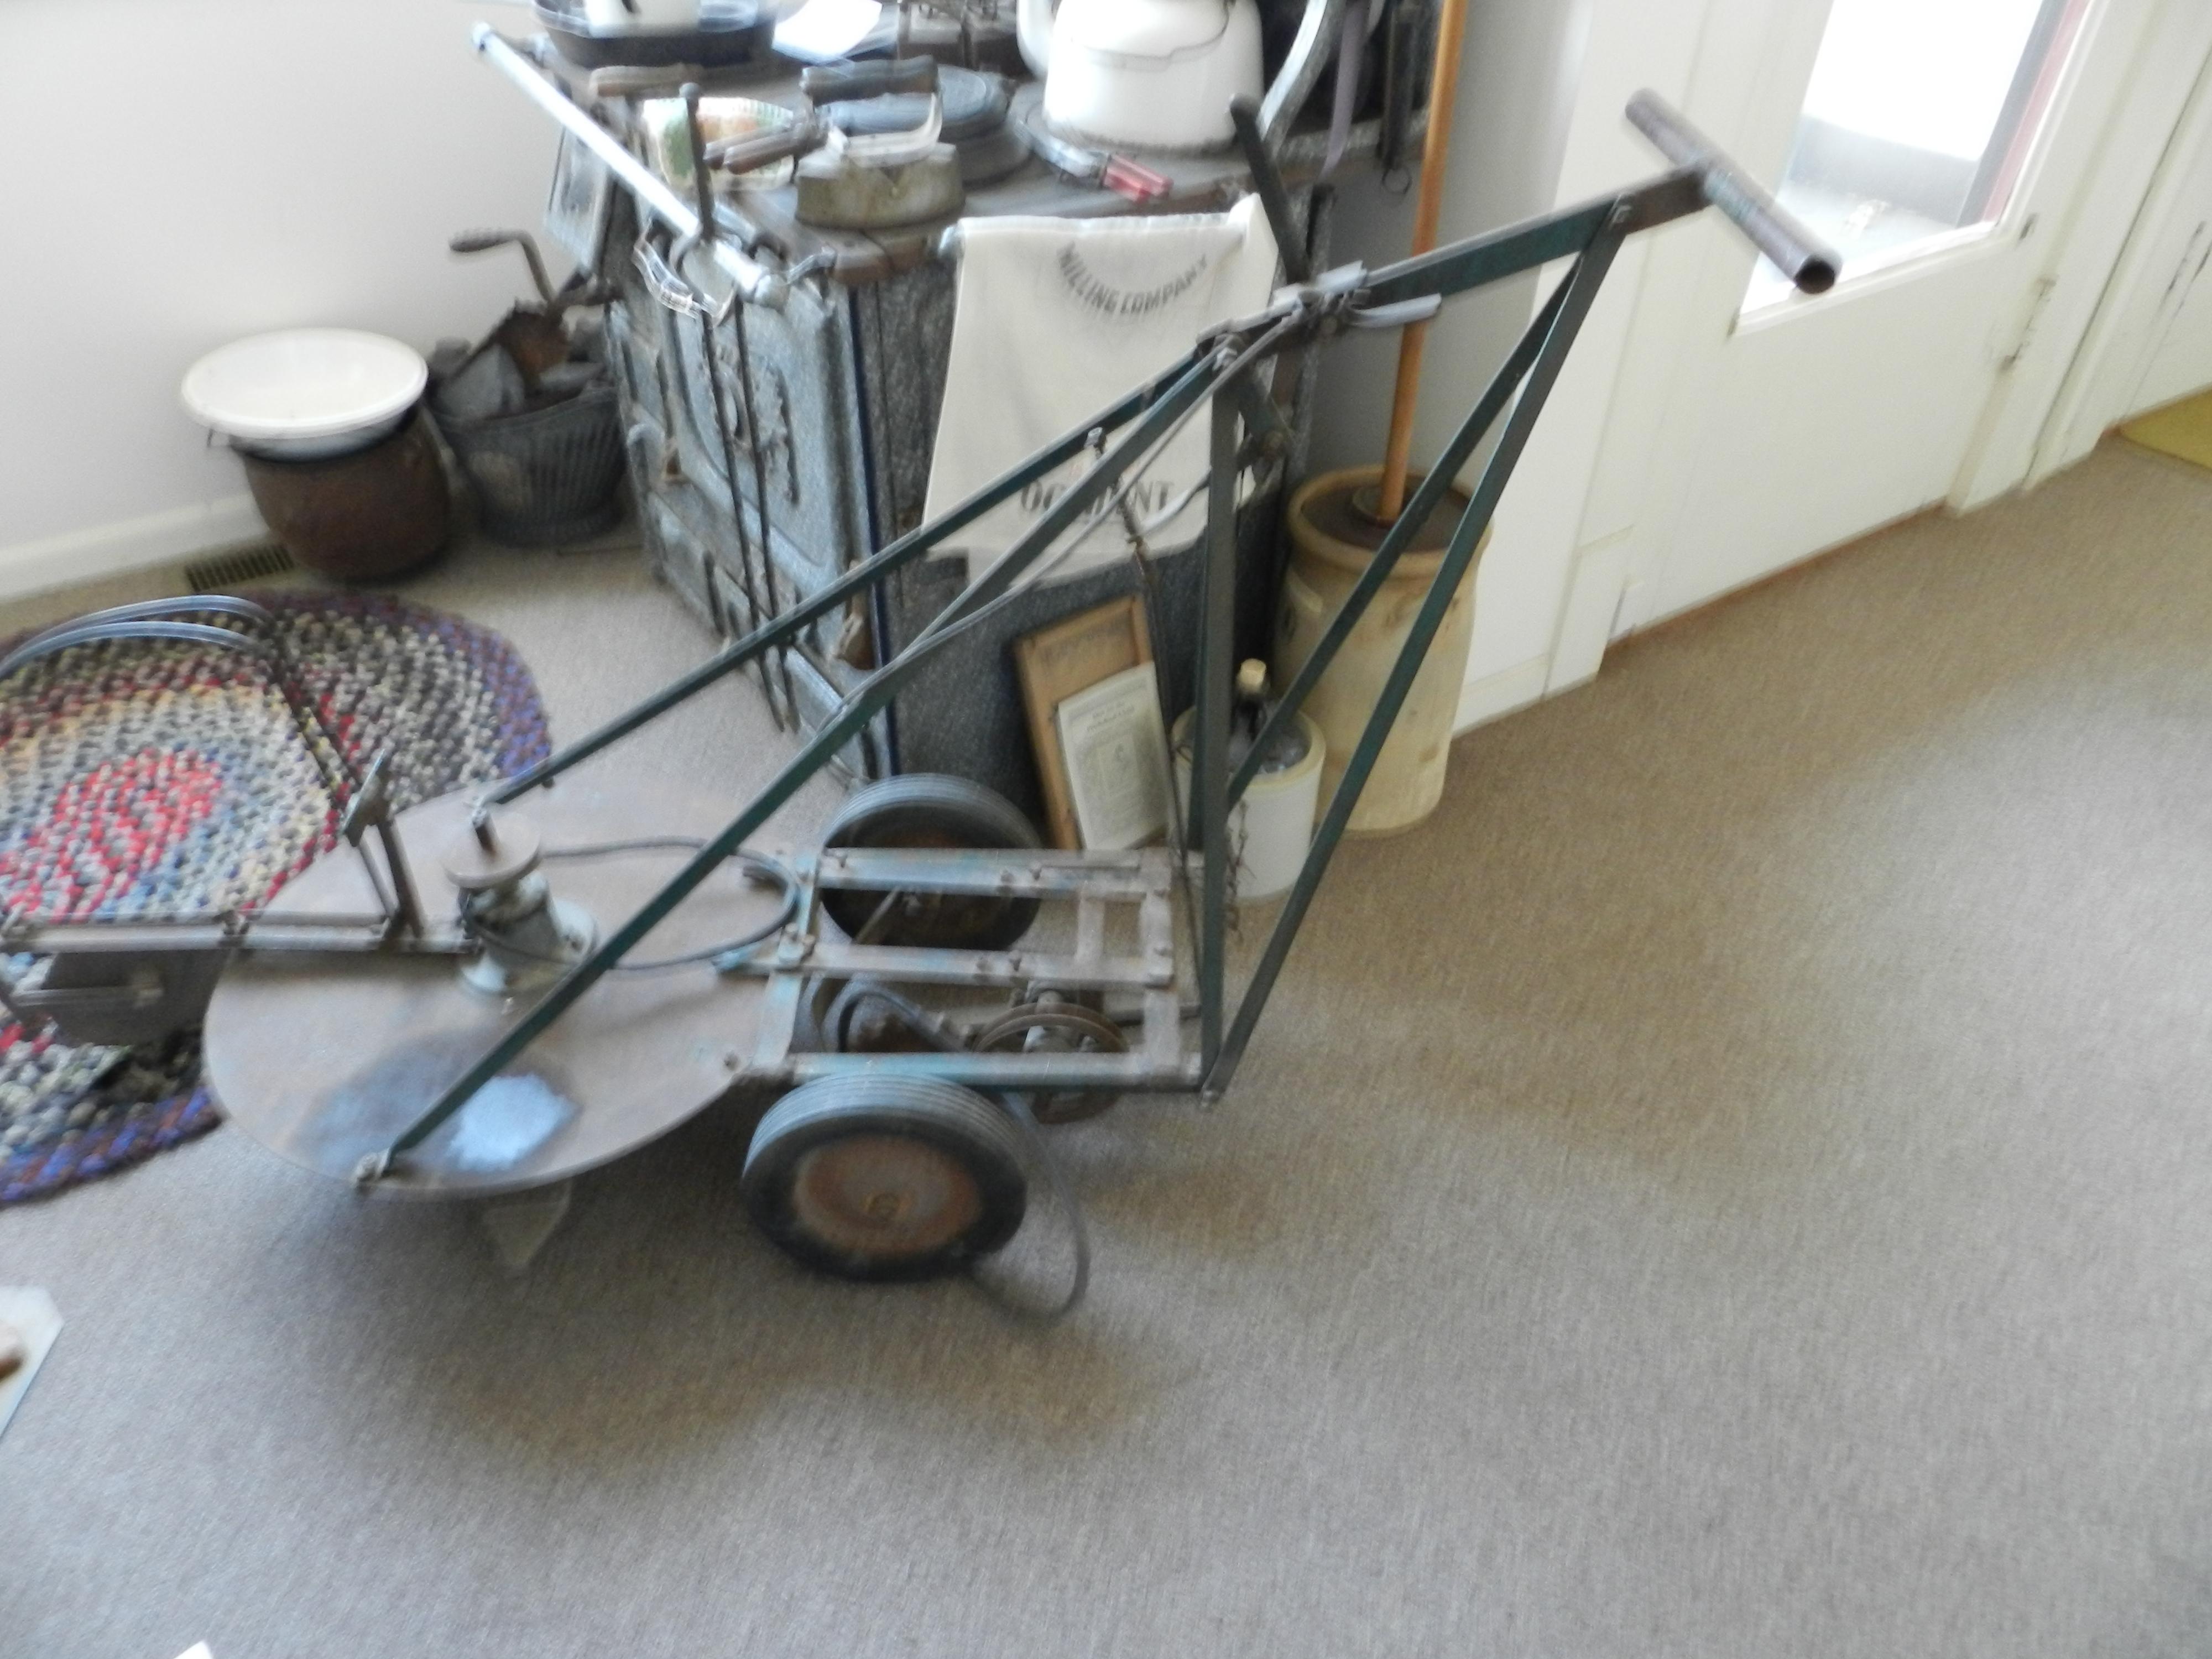 AJ Hansen's home-made mower